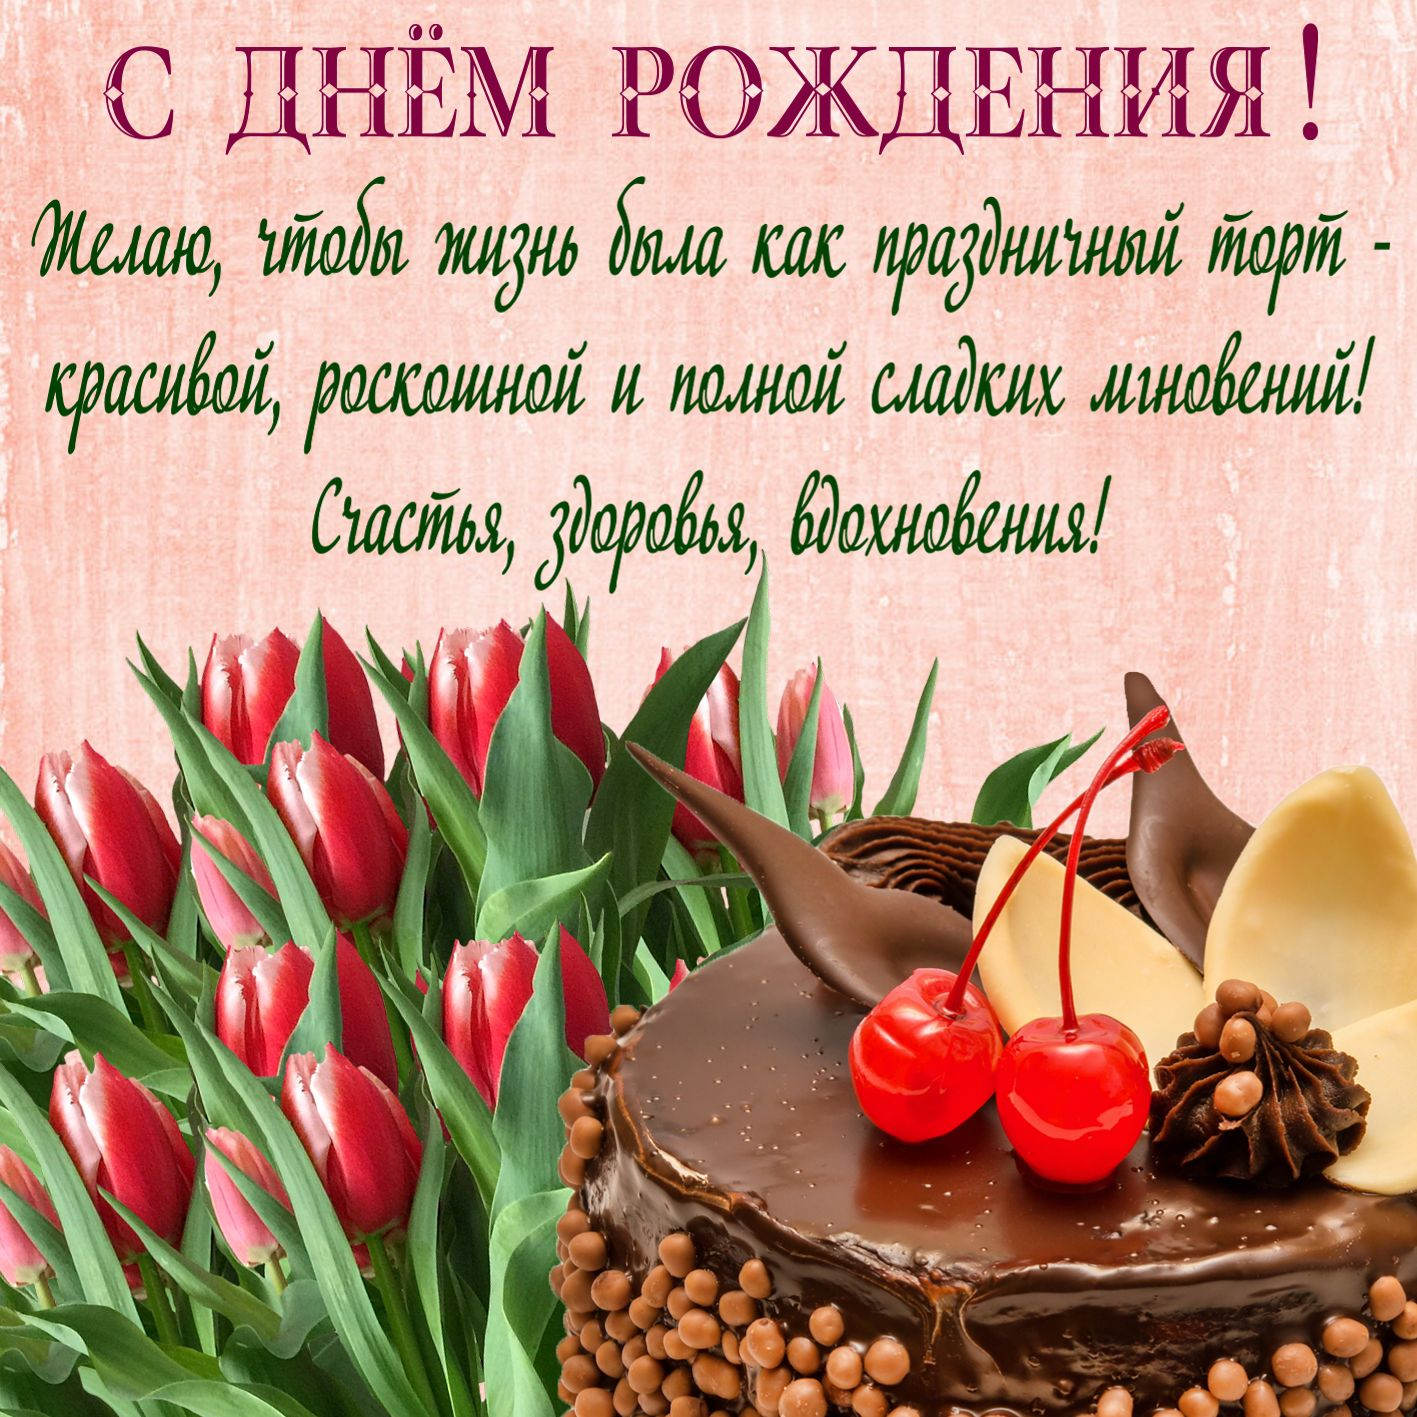 Открытка на День рождения - тортик, тюльпаны и красивое пожелание